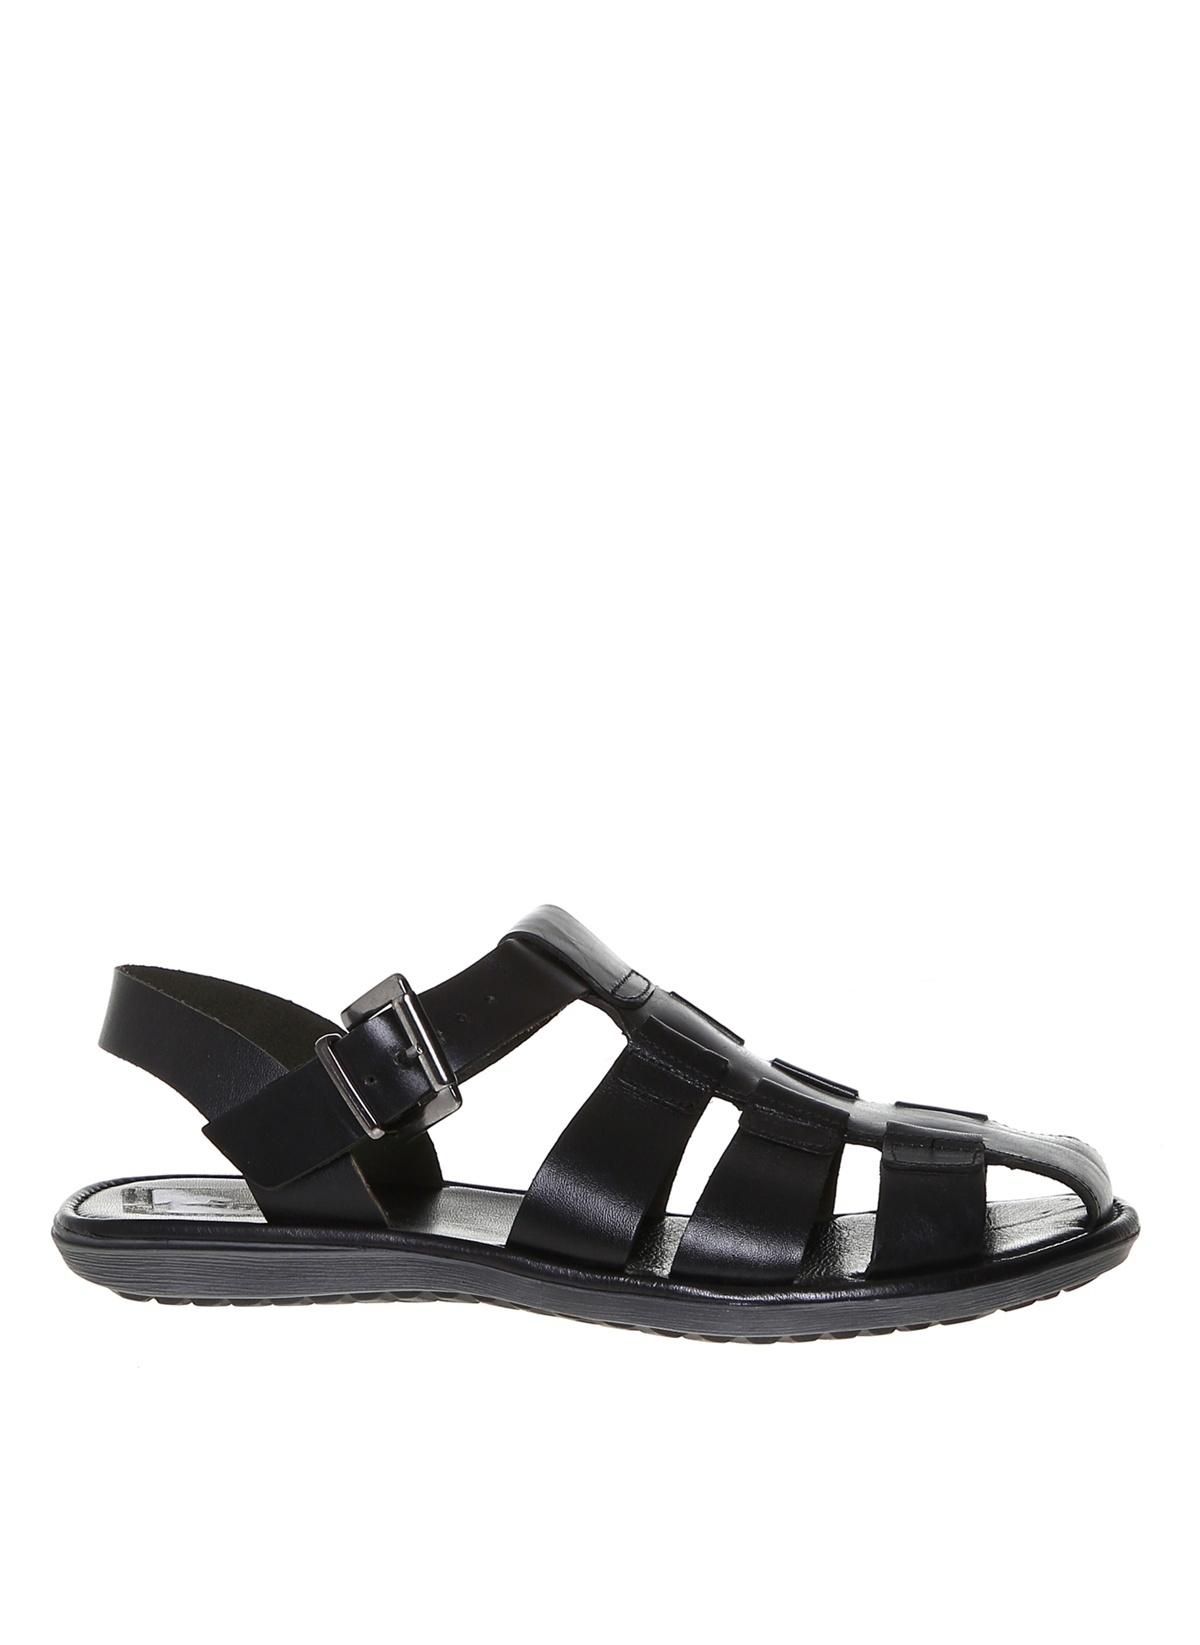 Greyder Sandalet 63110 Mr Comfort S Greyder Sandalet – 249.9 TL